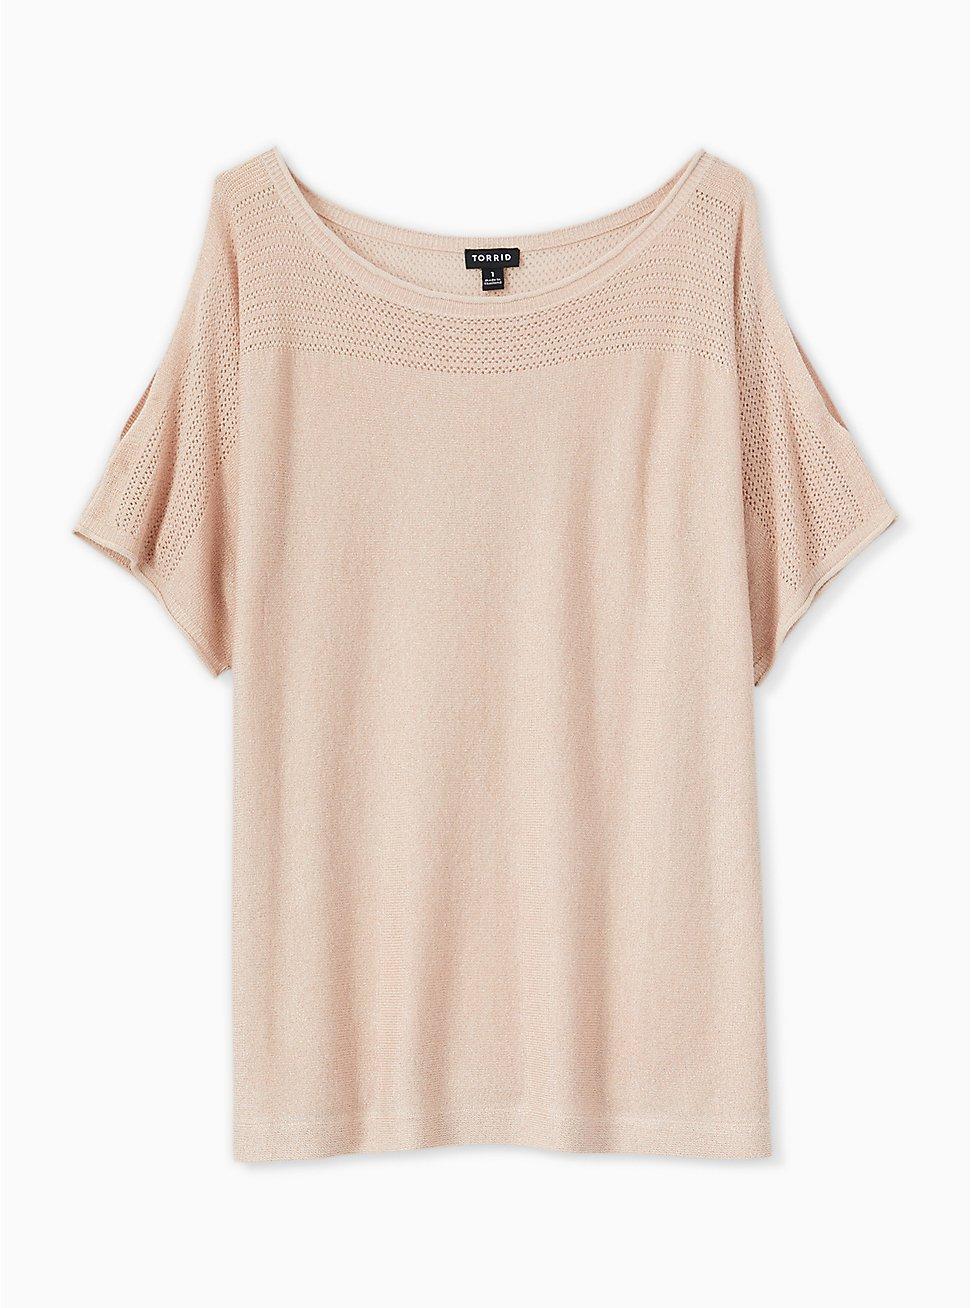 Pale Pink Shimmer Pointelle Cold Shoulder Dolman Top, ROSE, hi-res